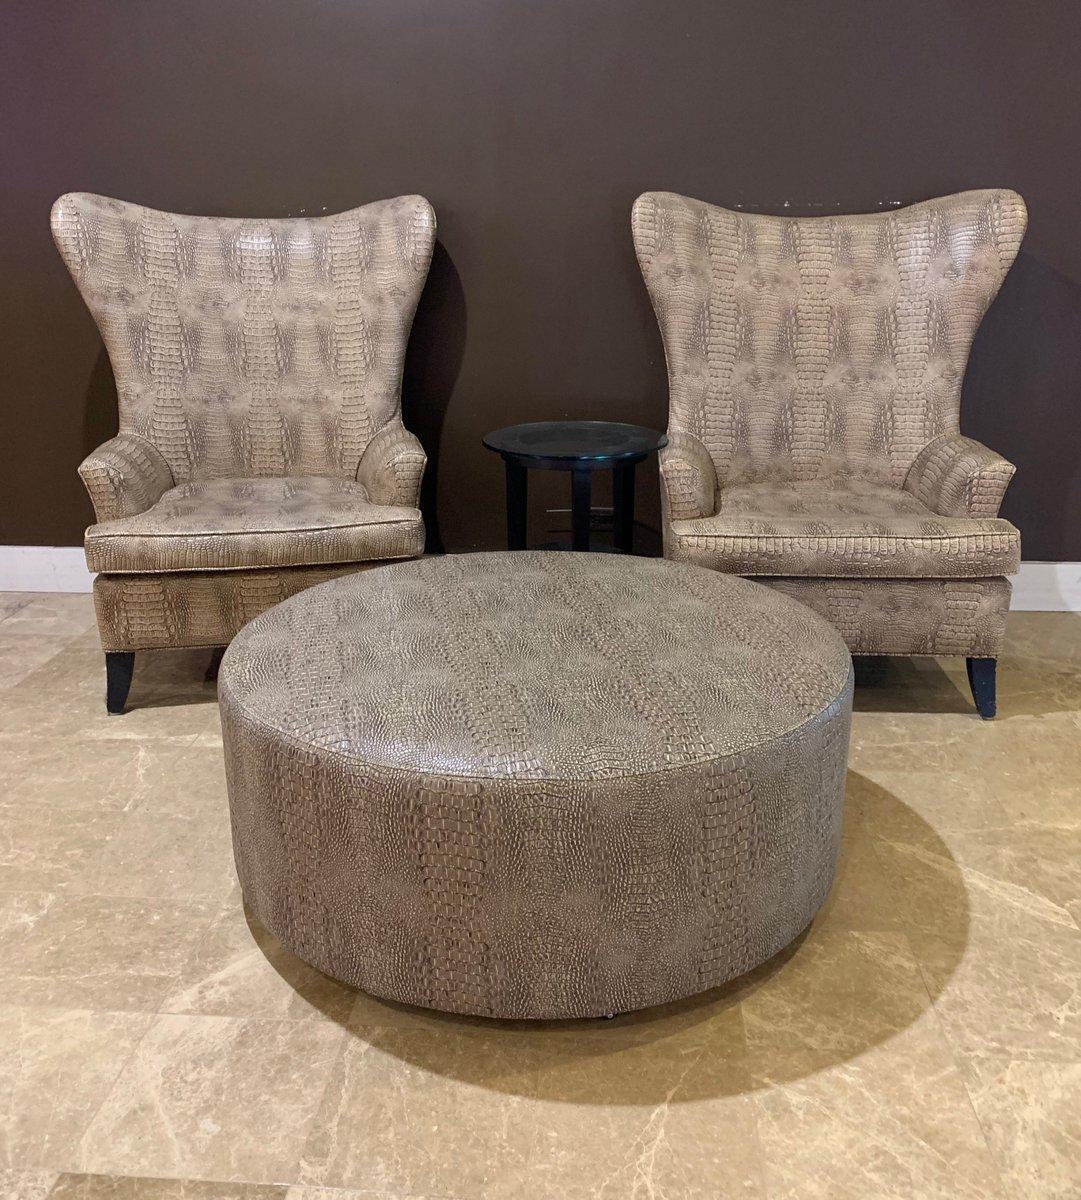 Enjoyable Keyston Bros Keystonbros Twitter Beatyapartments Chair Design Images Beatyapartmentscom